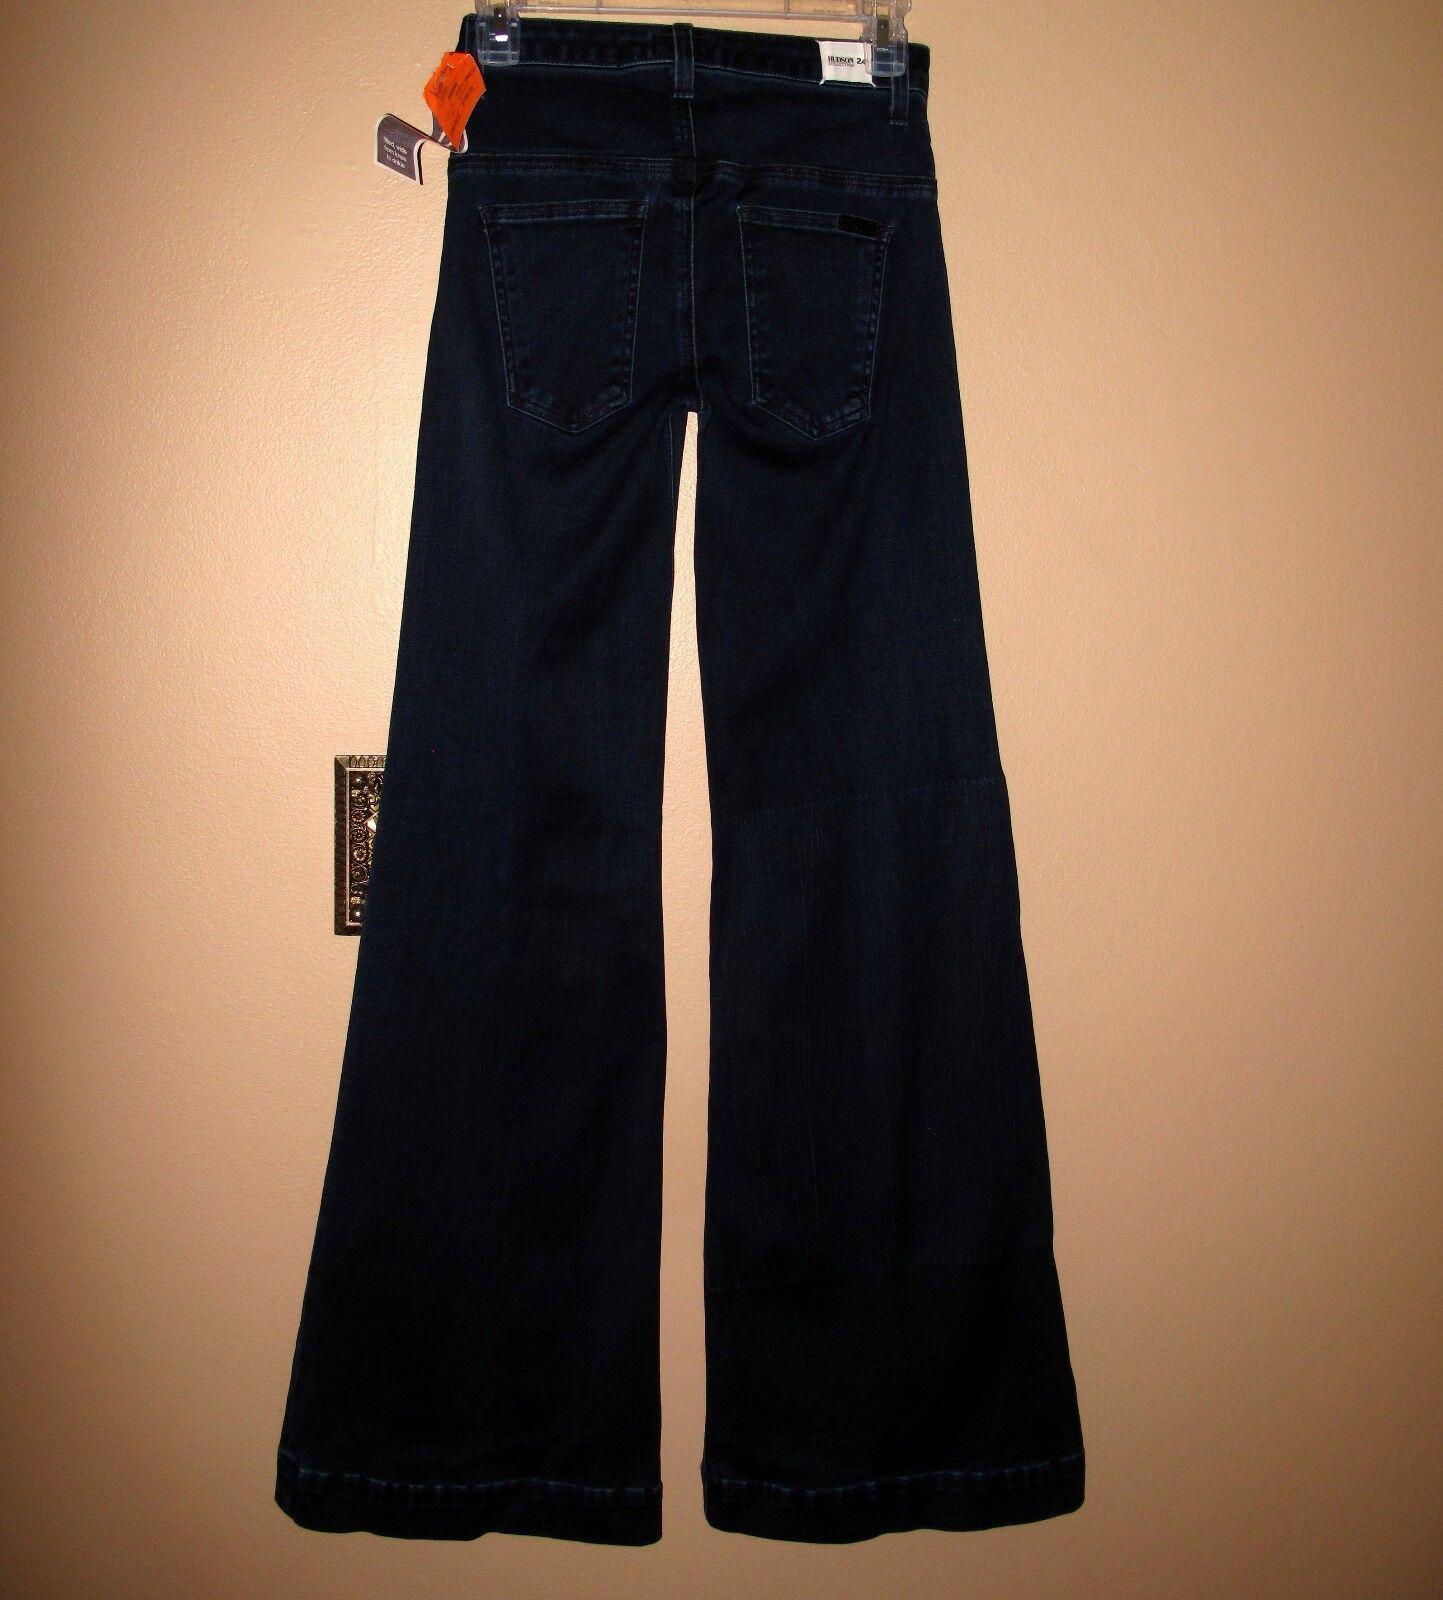 Hudson Jambe grand Évasé Britannique Taille Haute Super-Stretch Foncé Jeans 24